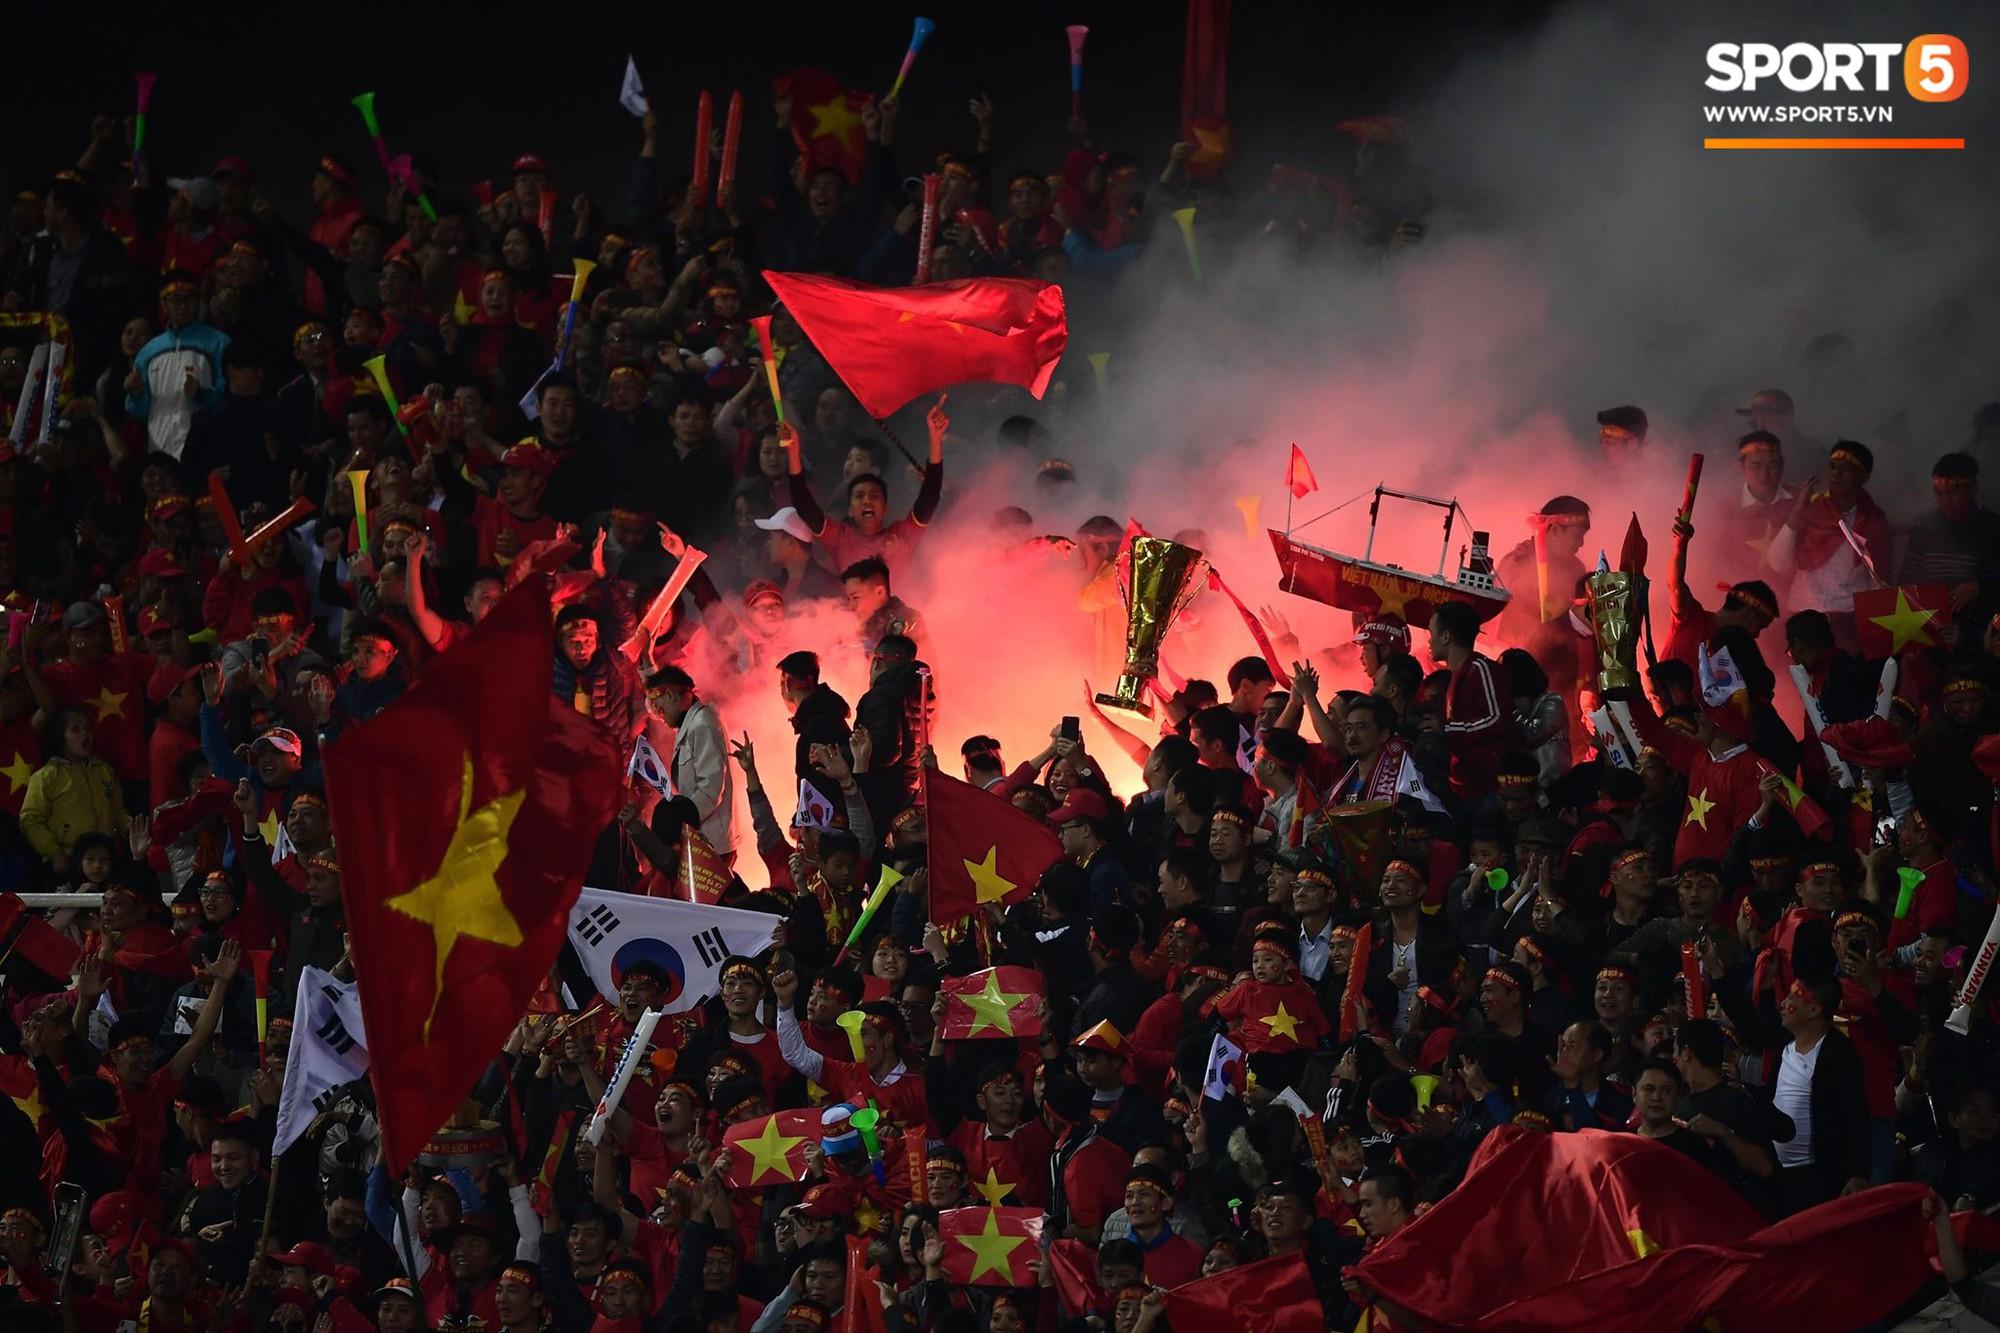 Pháo sáng lại cháy trên khán đài Mỹ Đình, LĐBĐ Việt Nam đối diện nguy cơ bị phạt-5